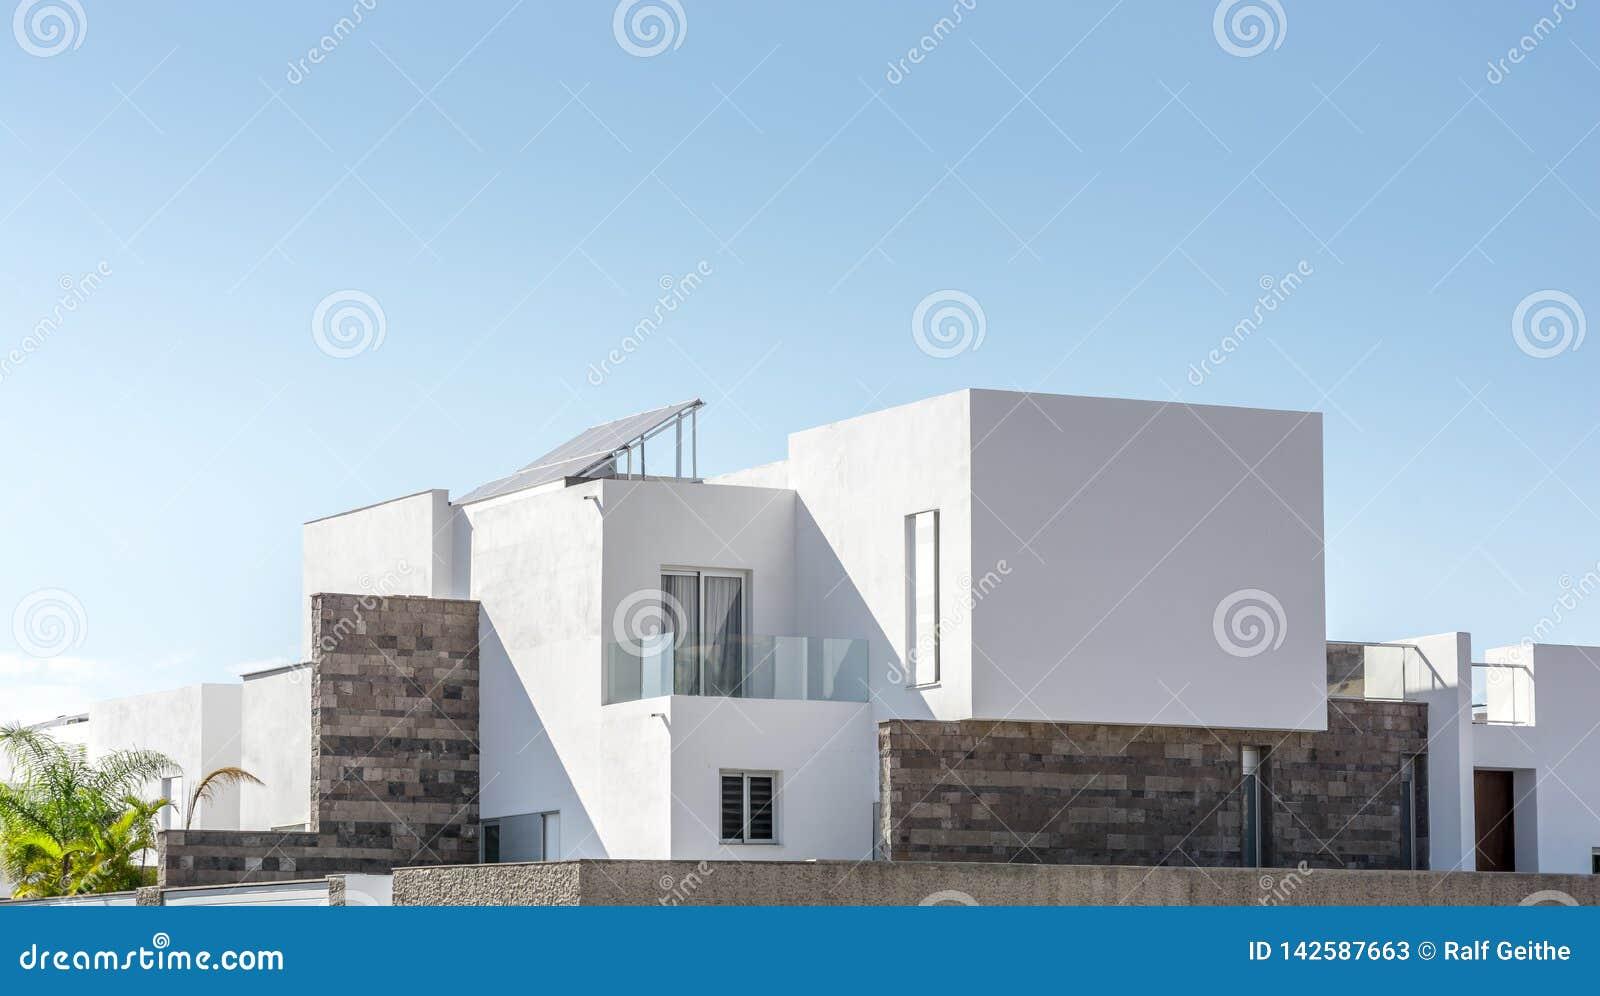 Casa residencial lujosa con arquitectura moderna delante del cielo soleado